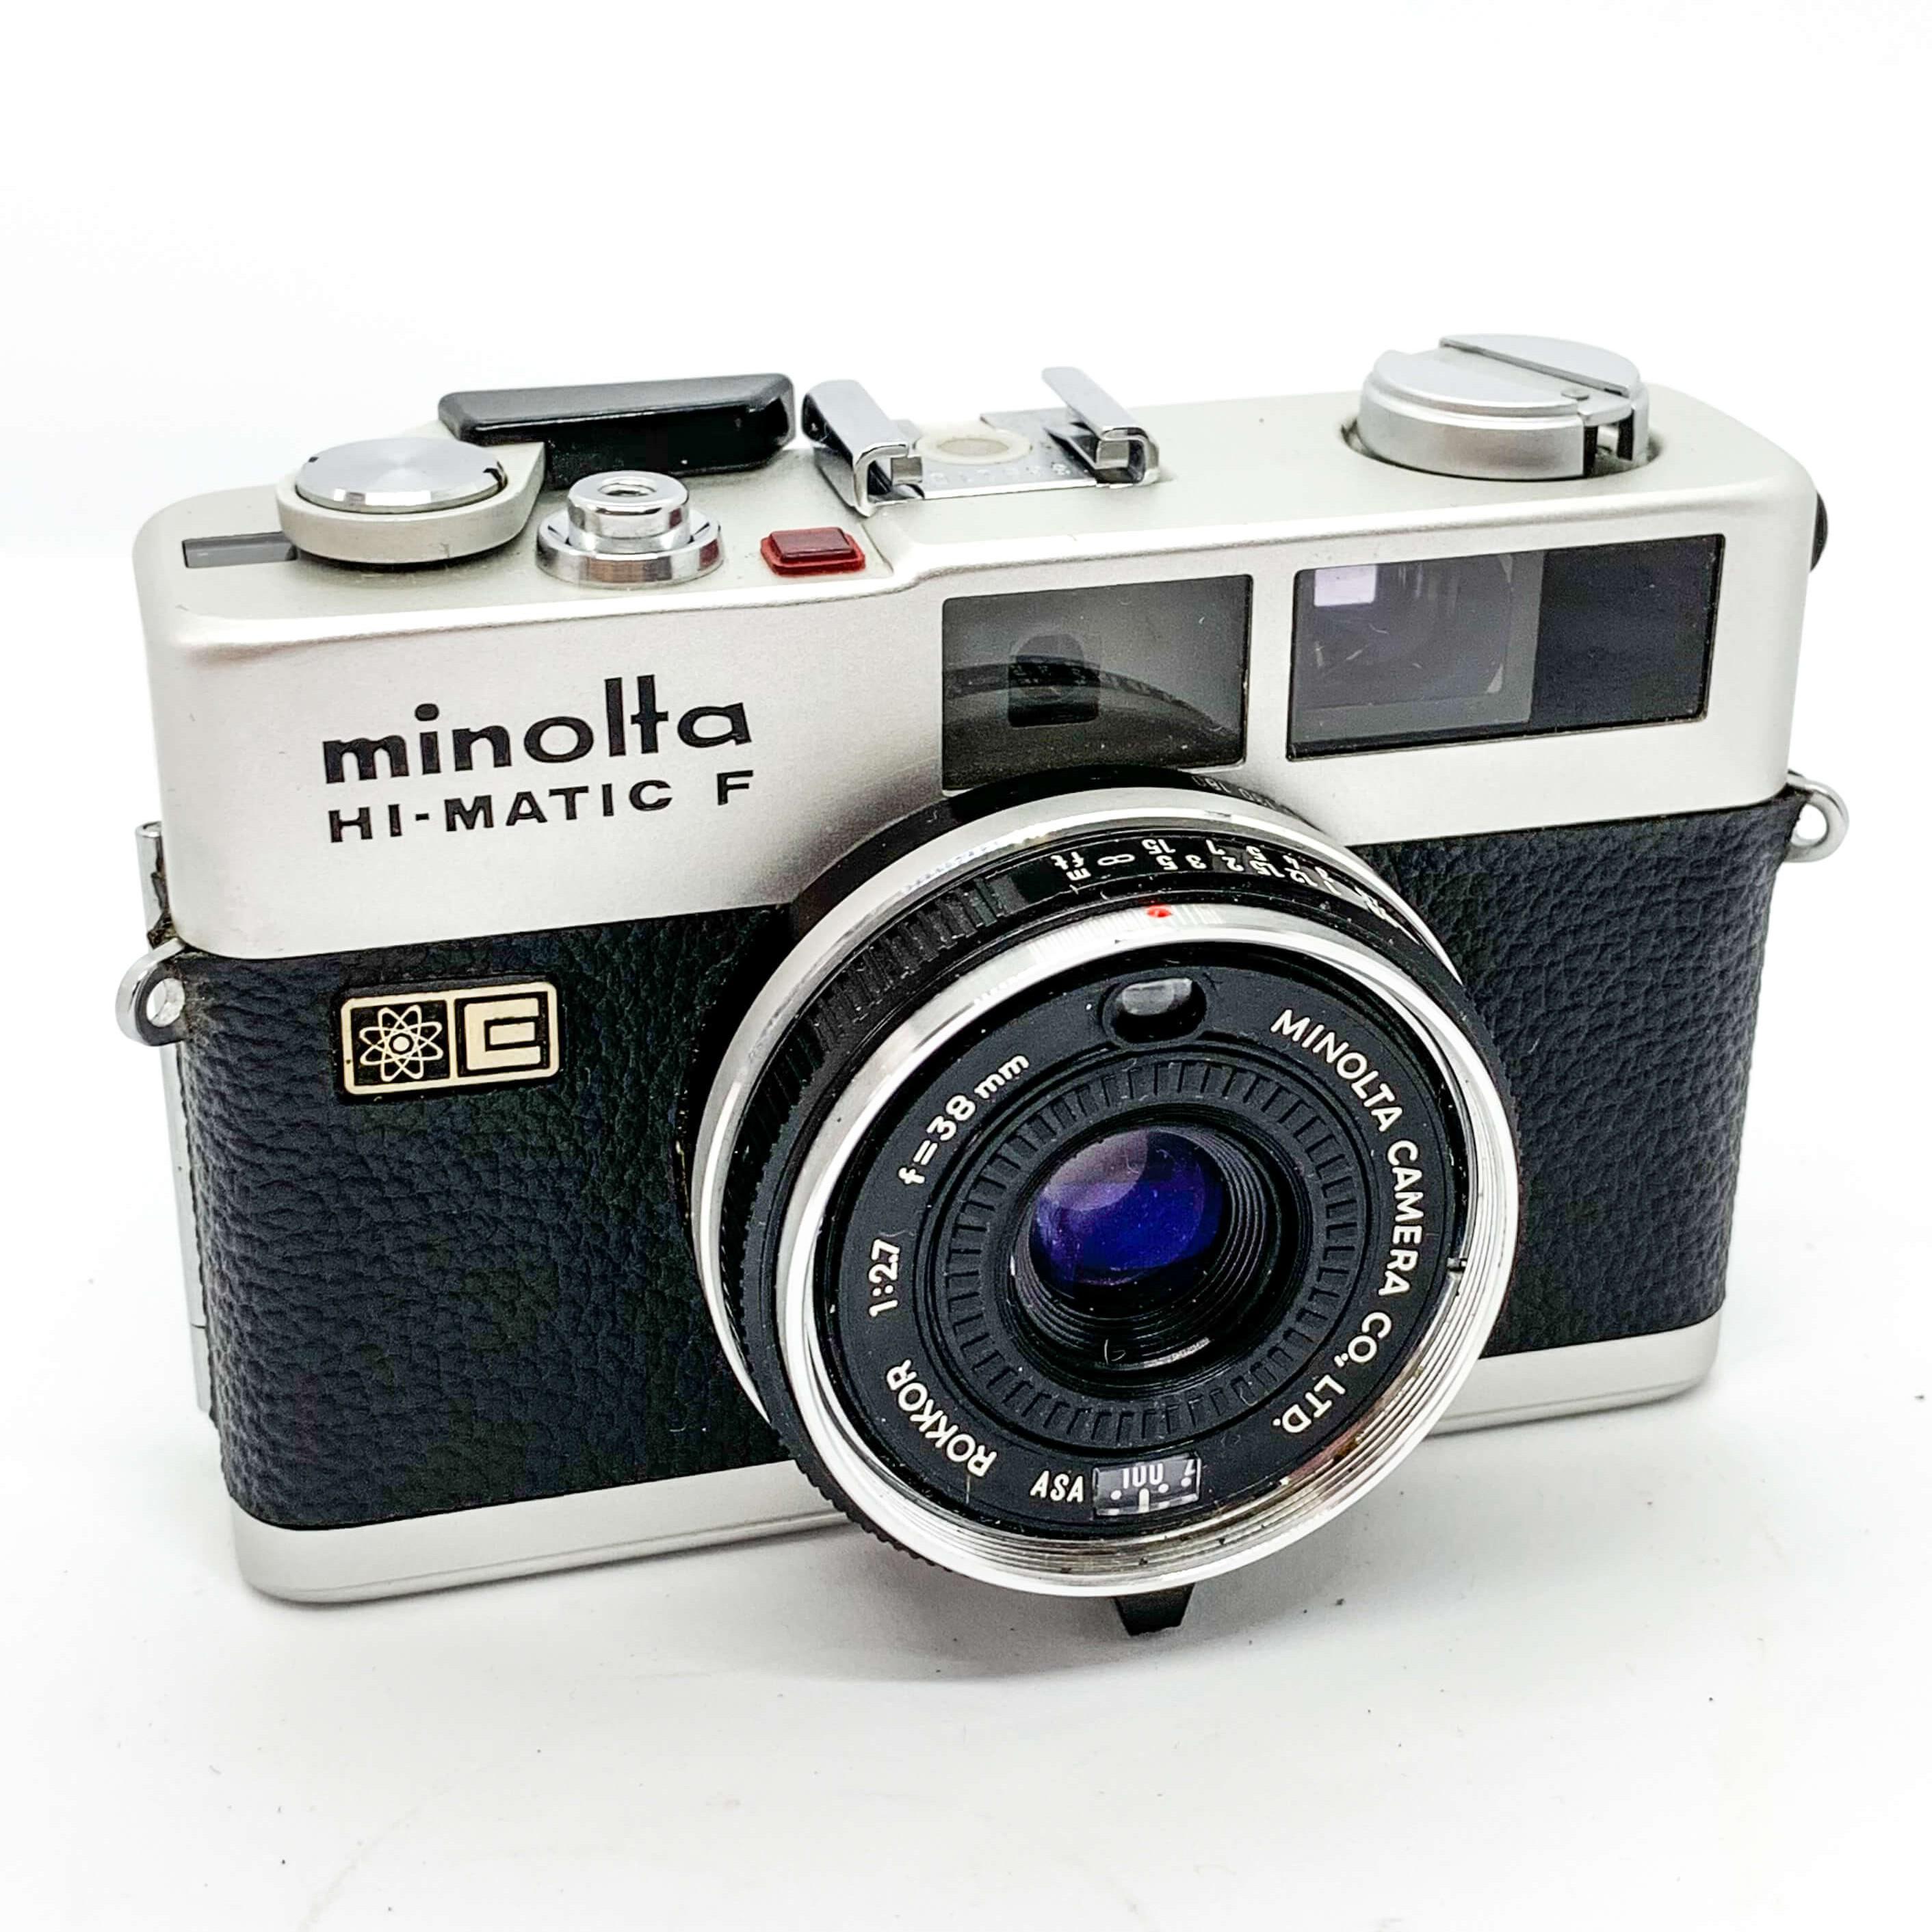 Minolta High Matic 35mm Range finder on white background